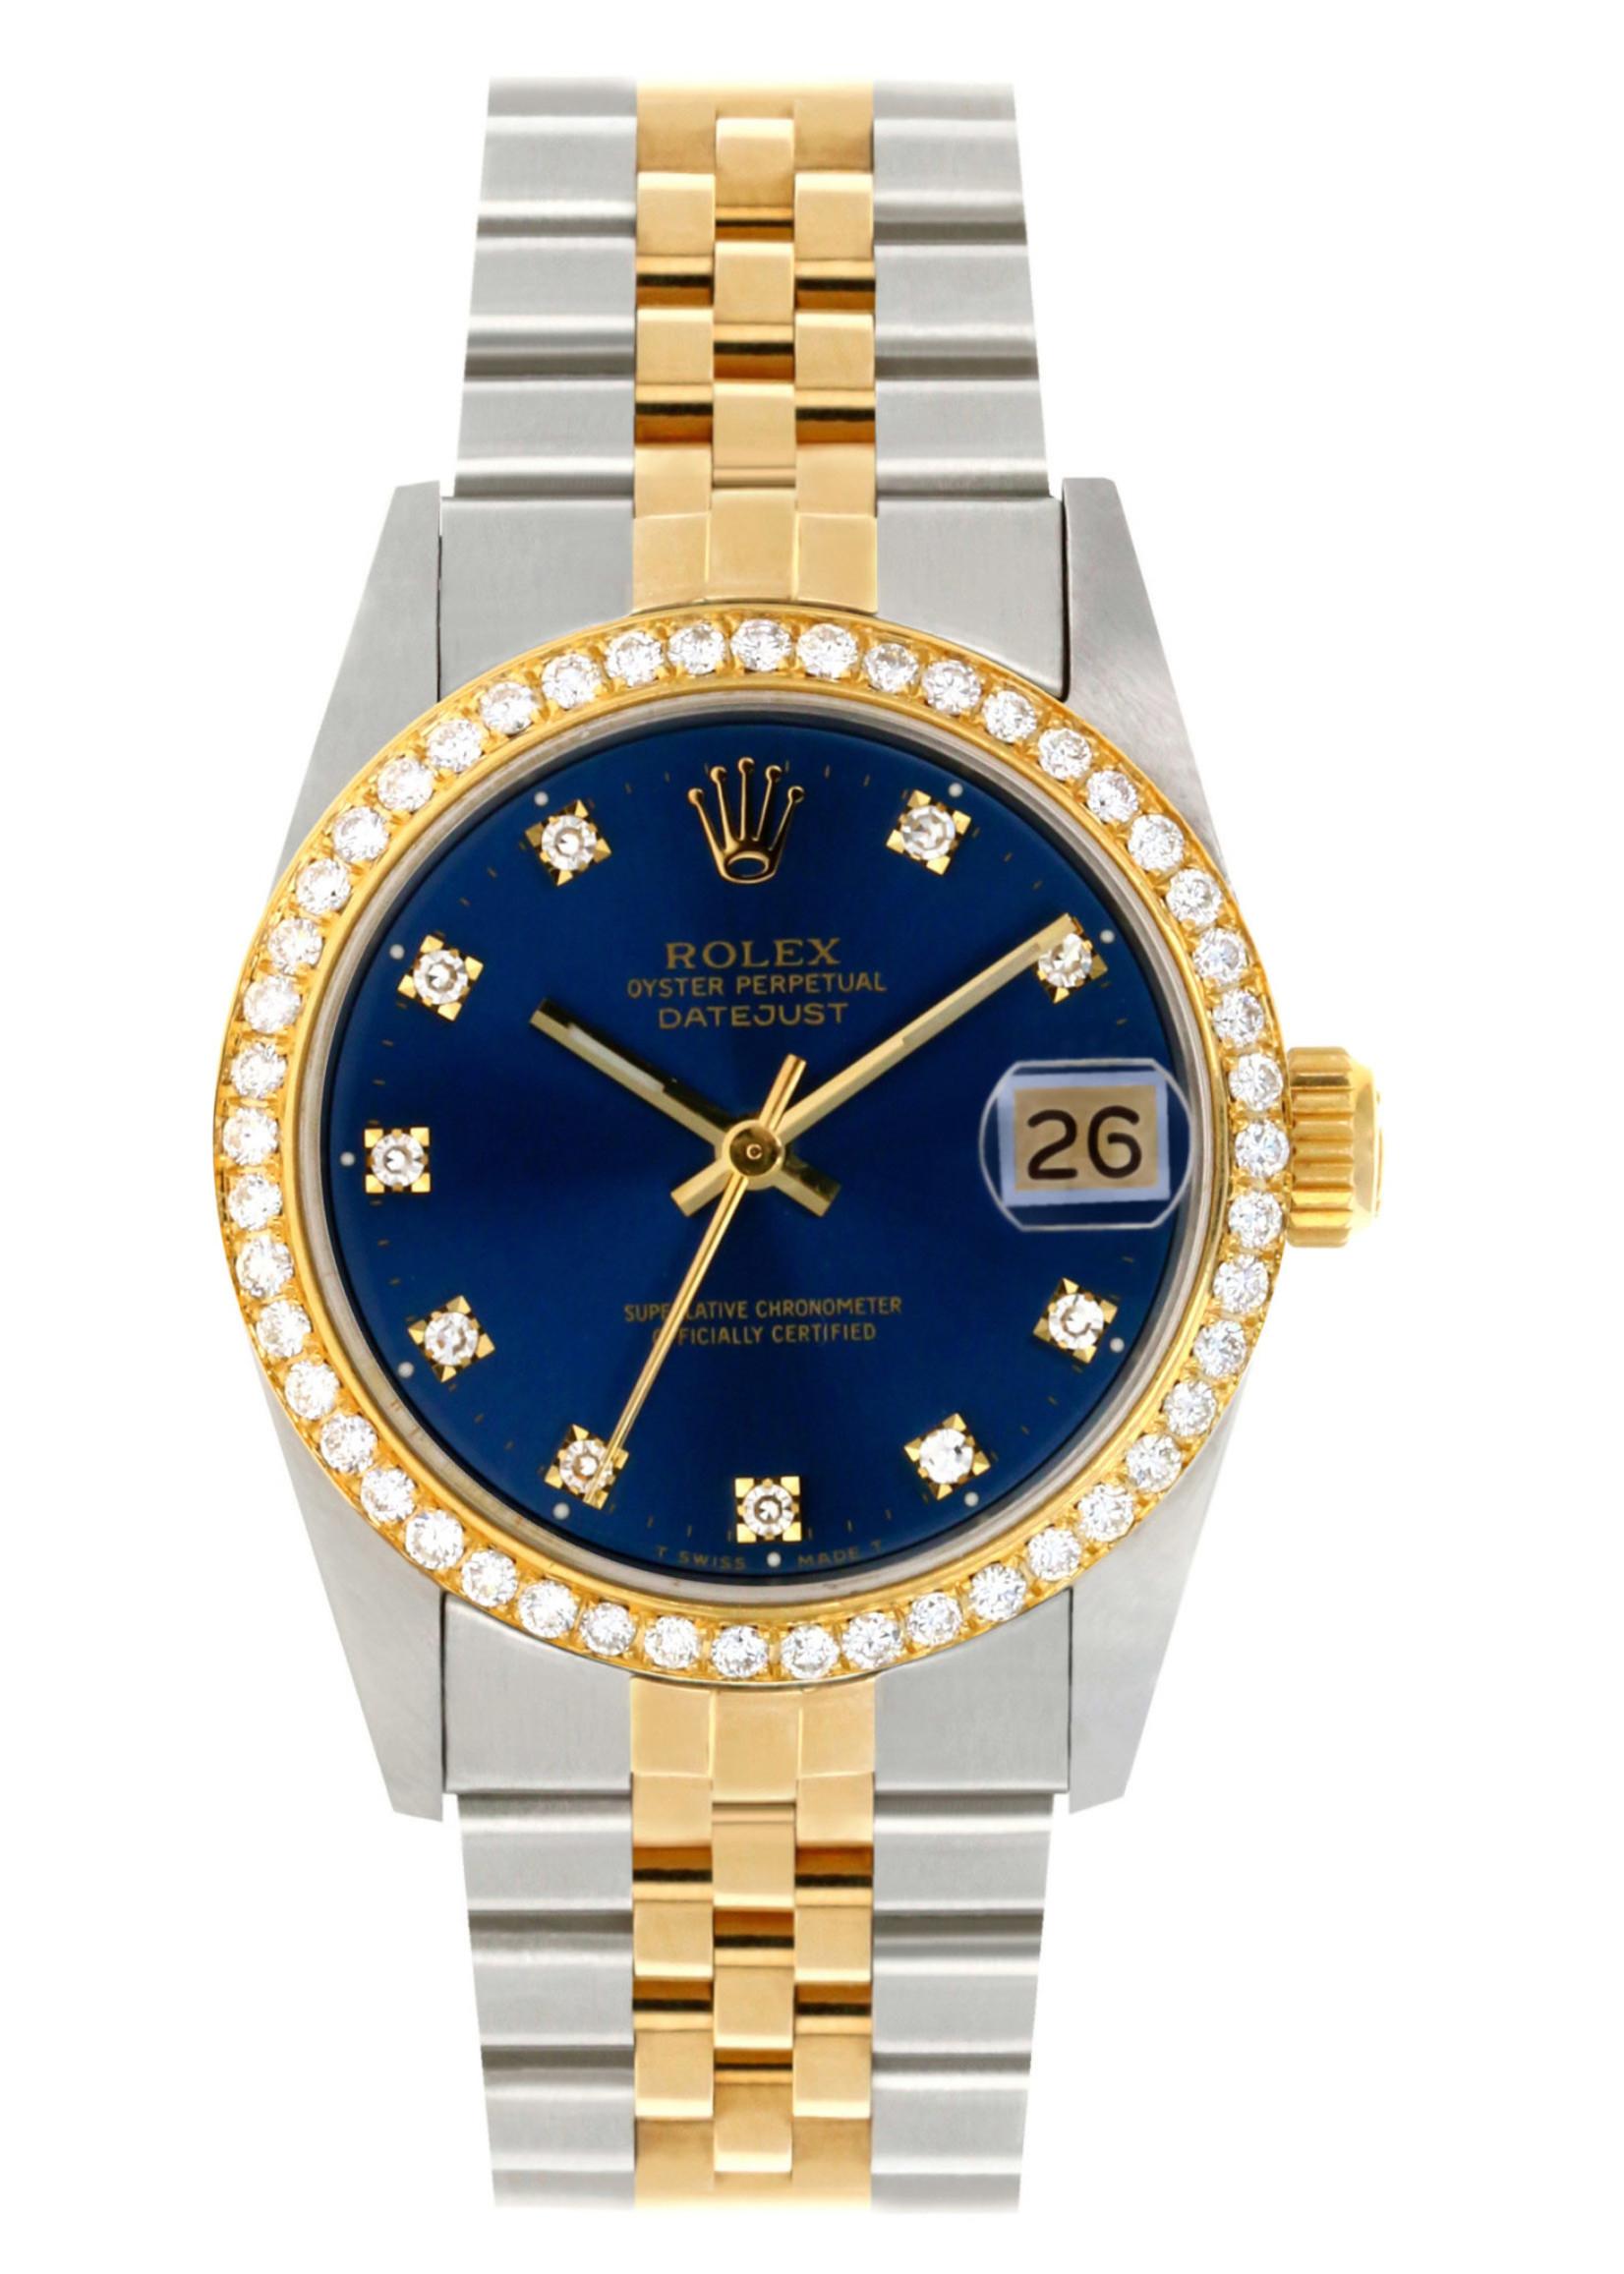 Rolex Watches ROLEX DATEJUST 31MM JUBILEE (1986)